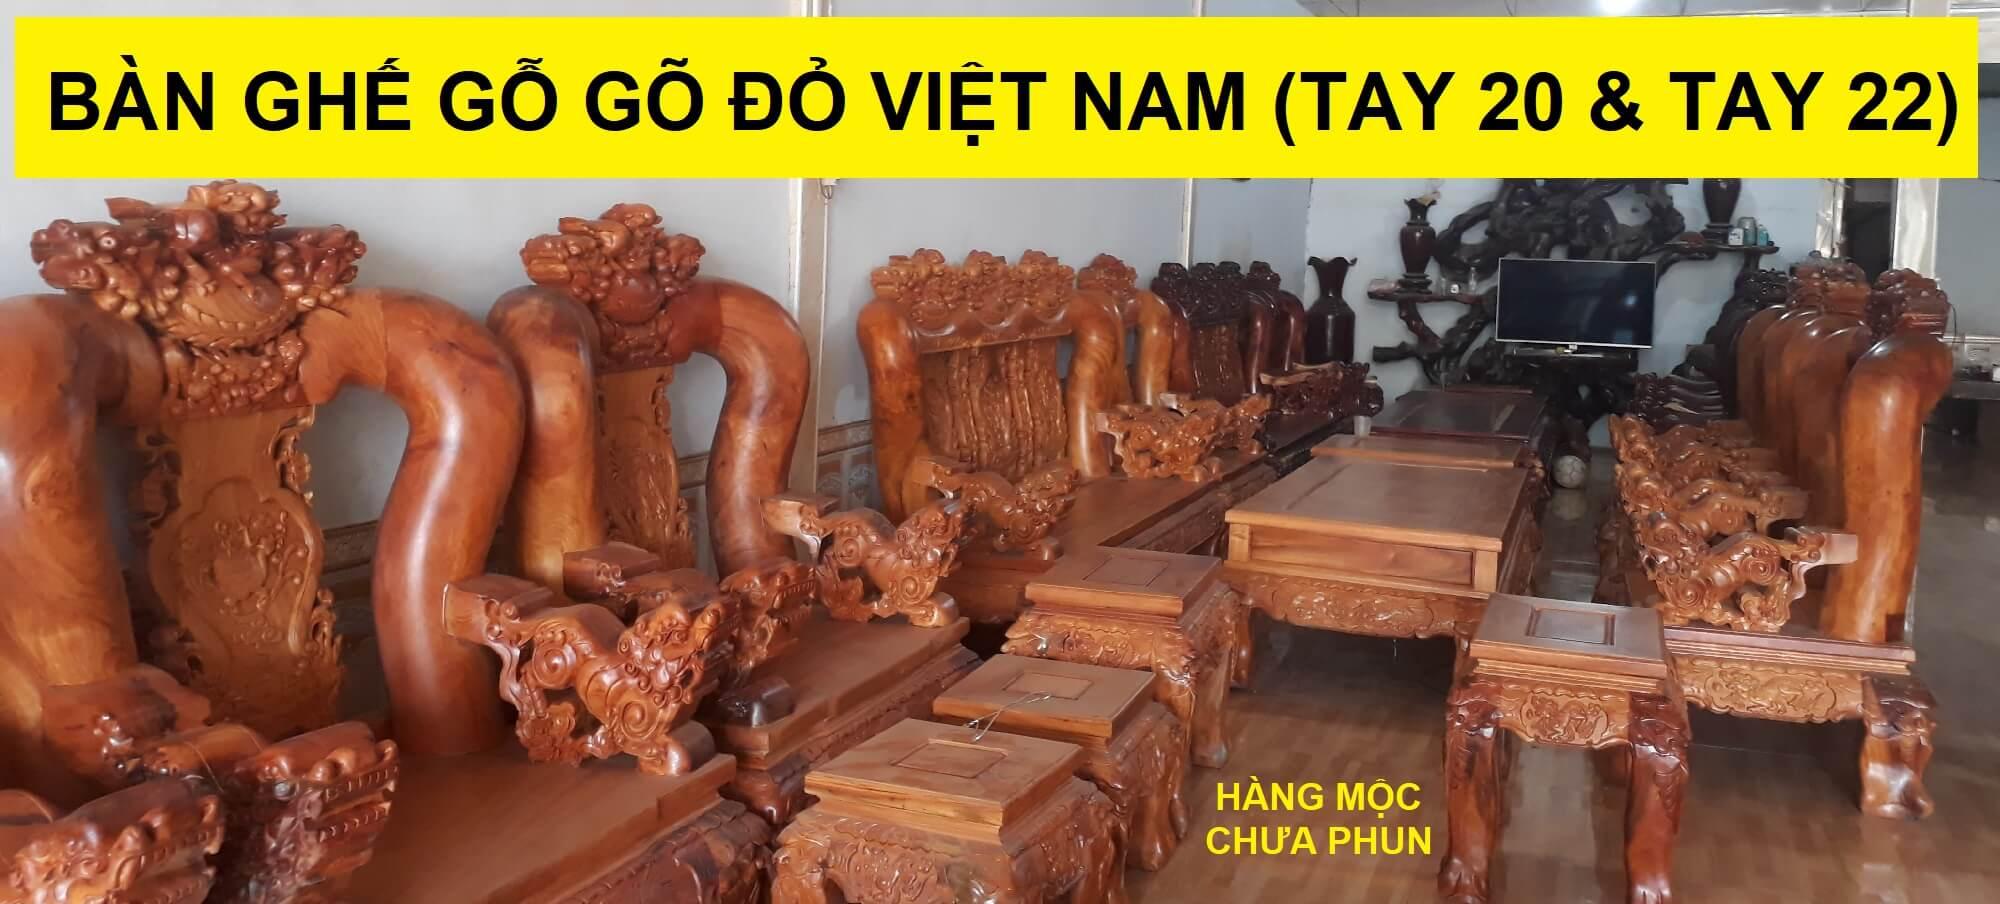 ban-ghe-go-go-do-viet-nam-tay-20